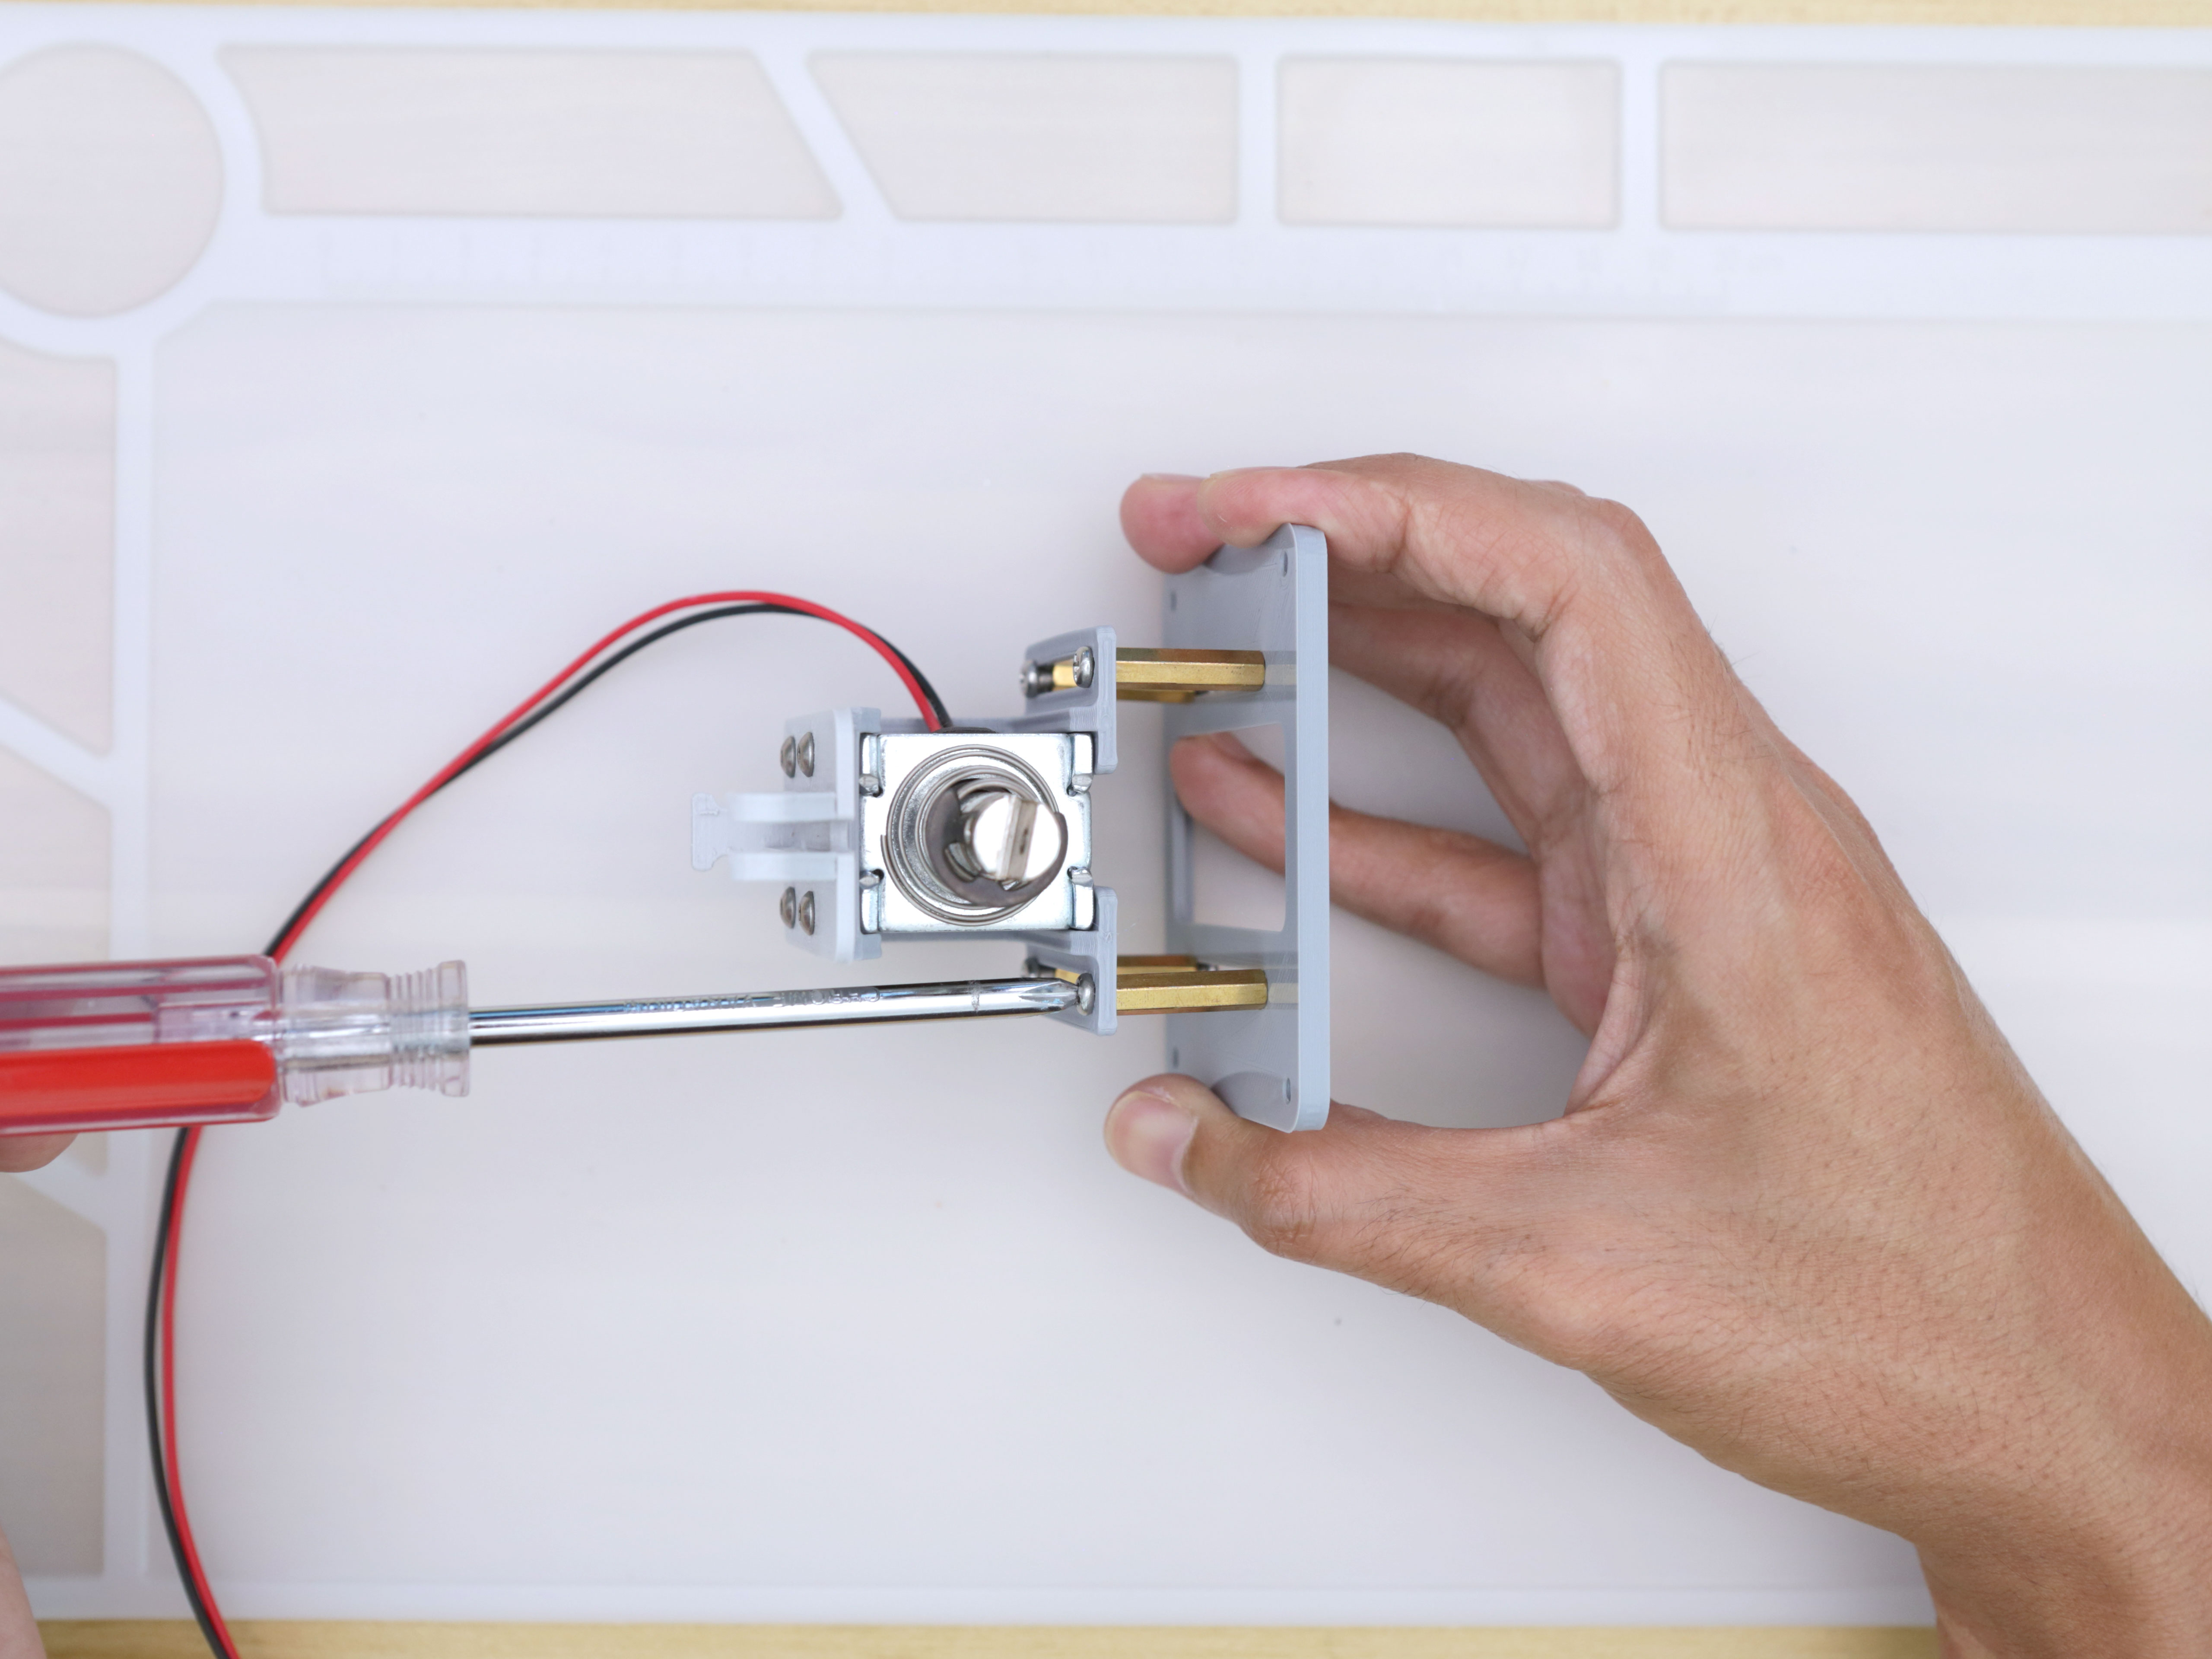 3d_printing_noid-holder-bottom-secure.jpg